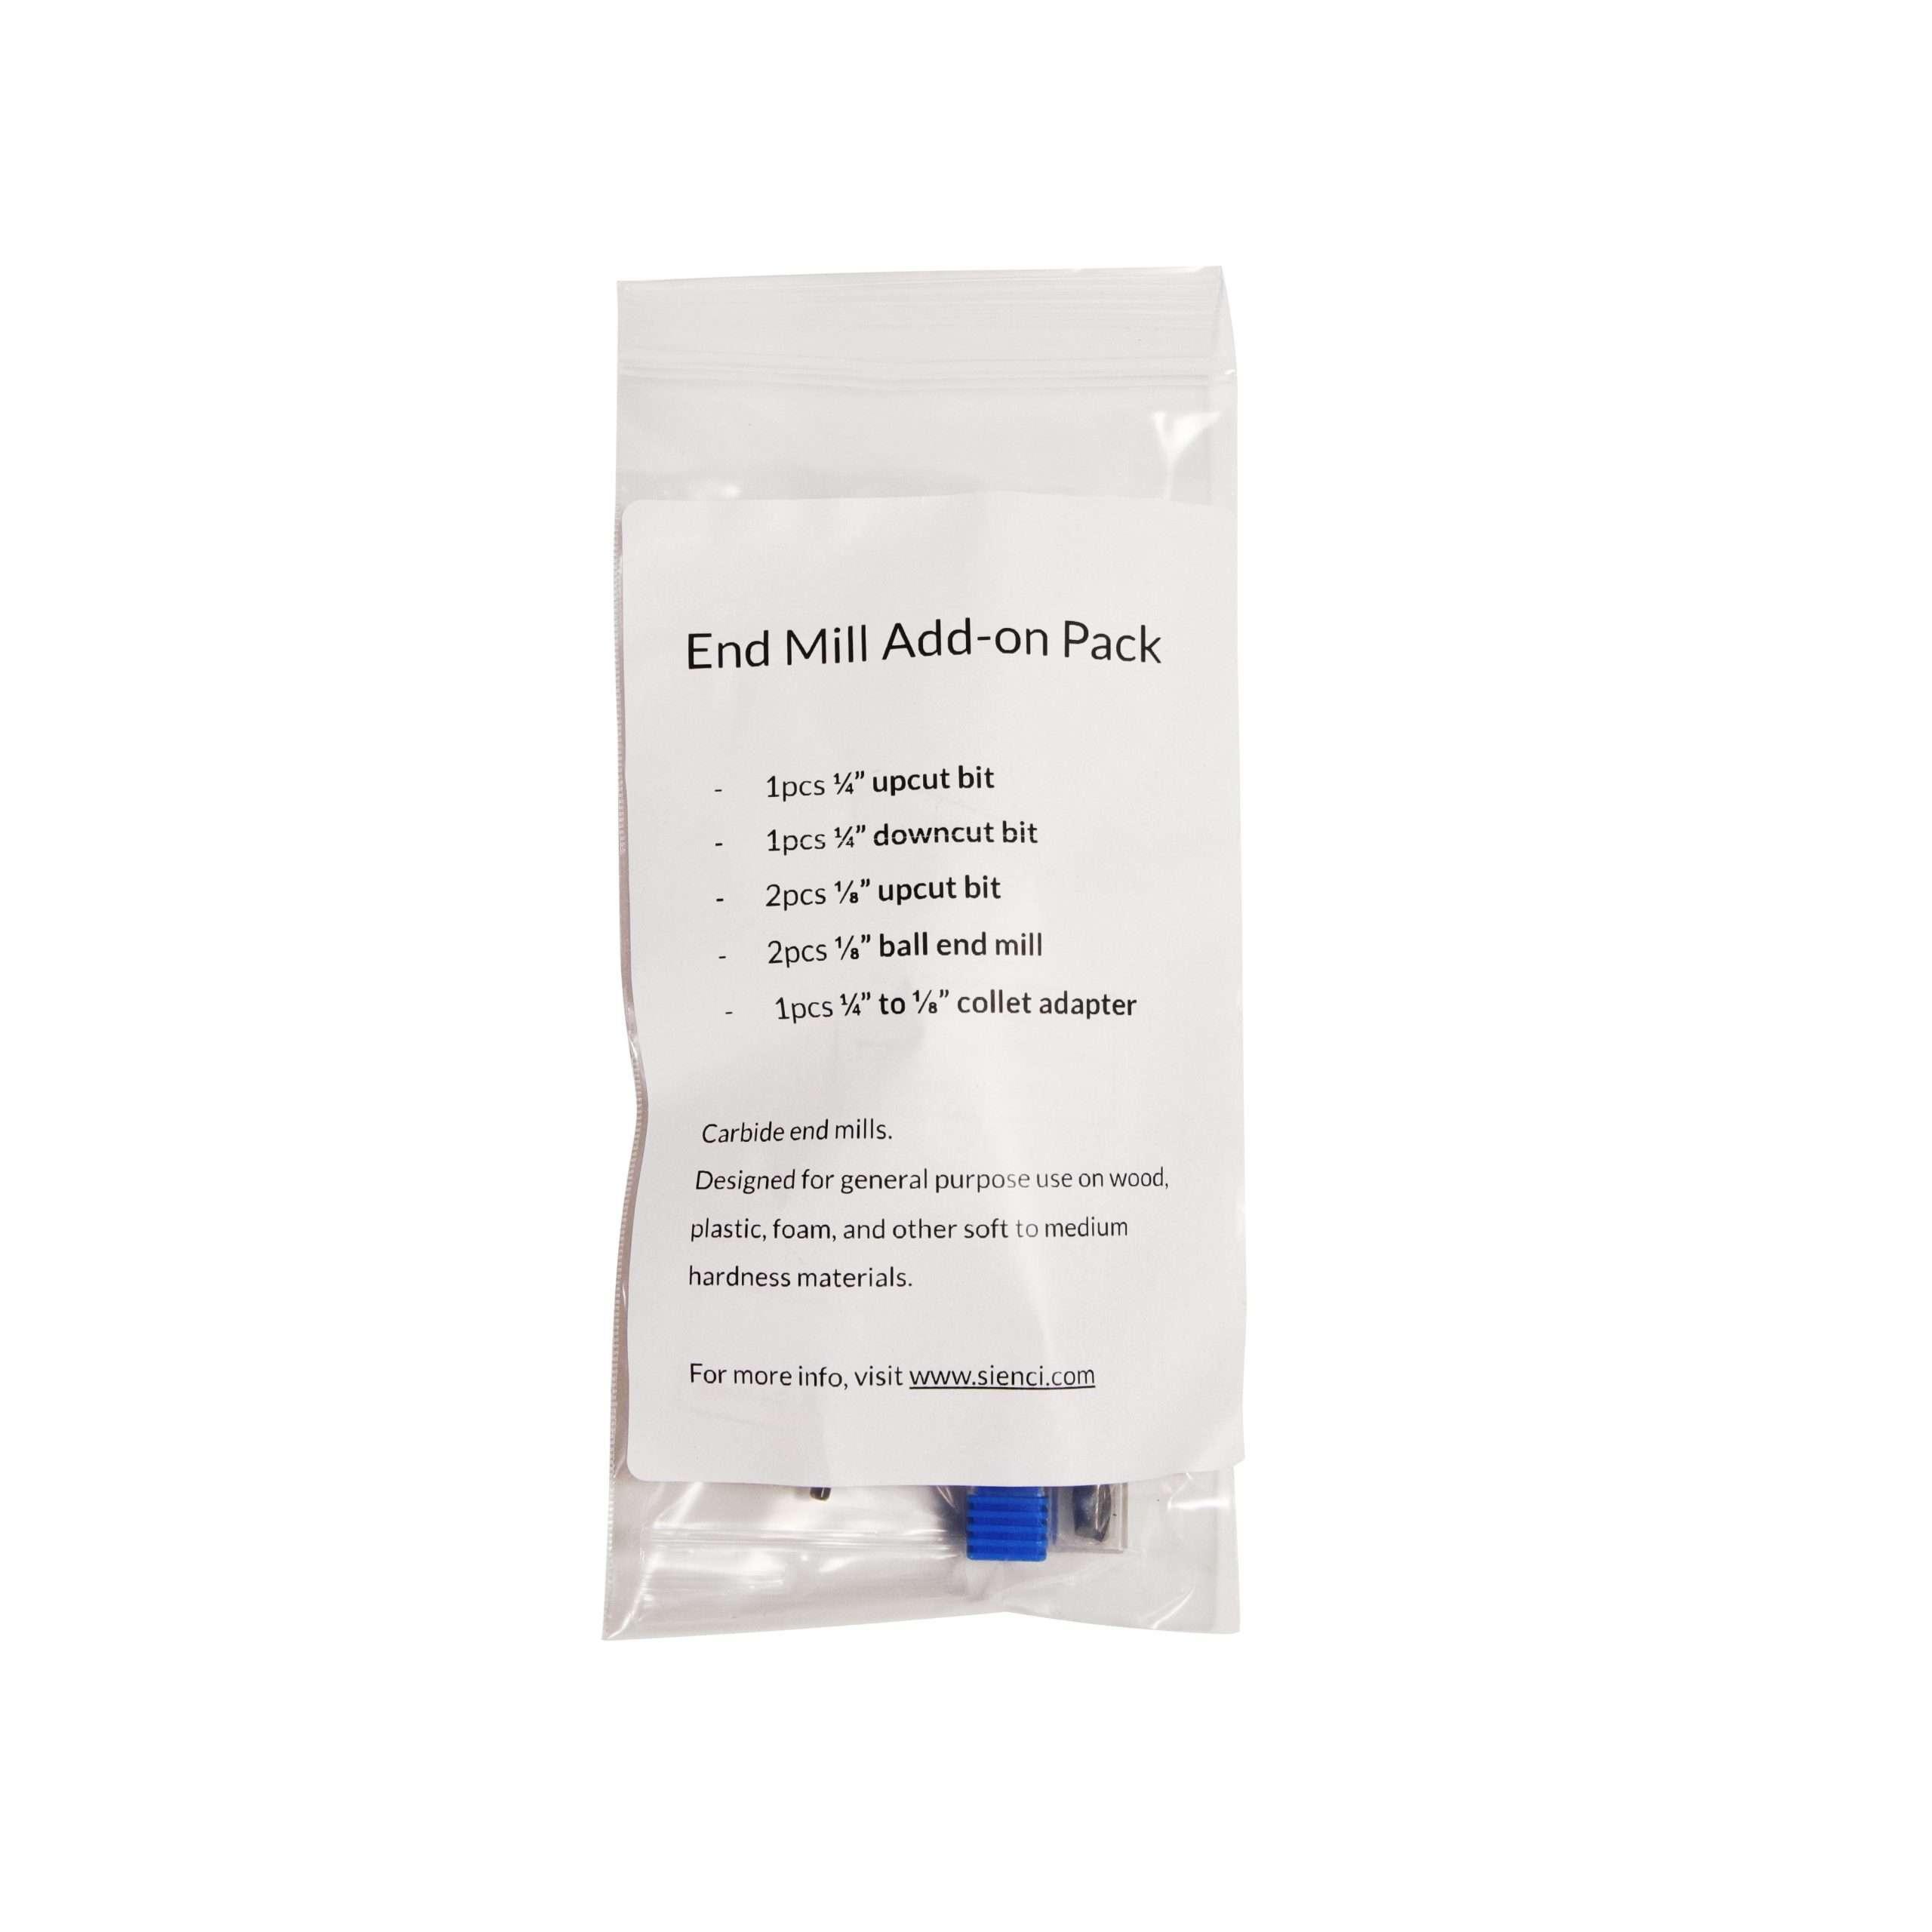 endmill addon 1.0 square